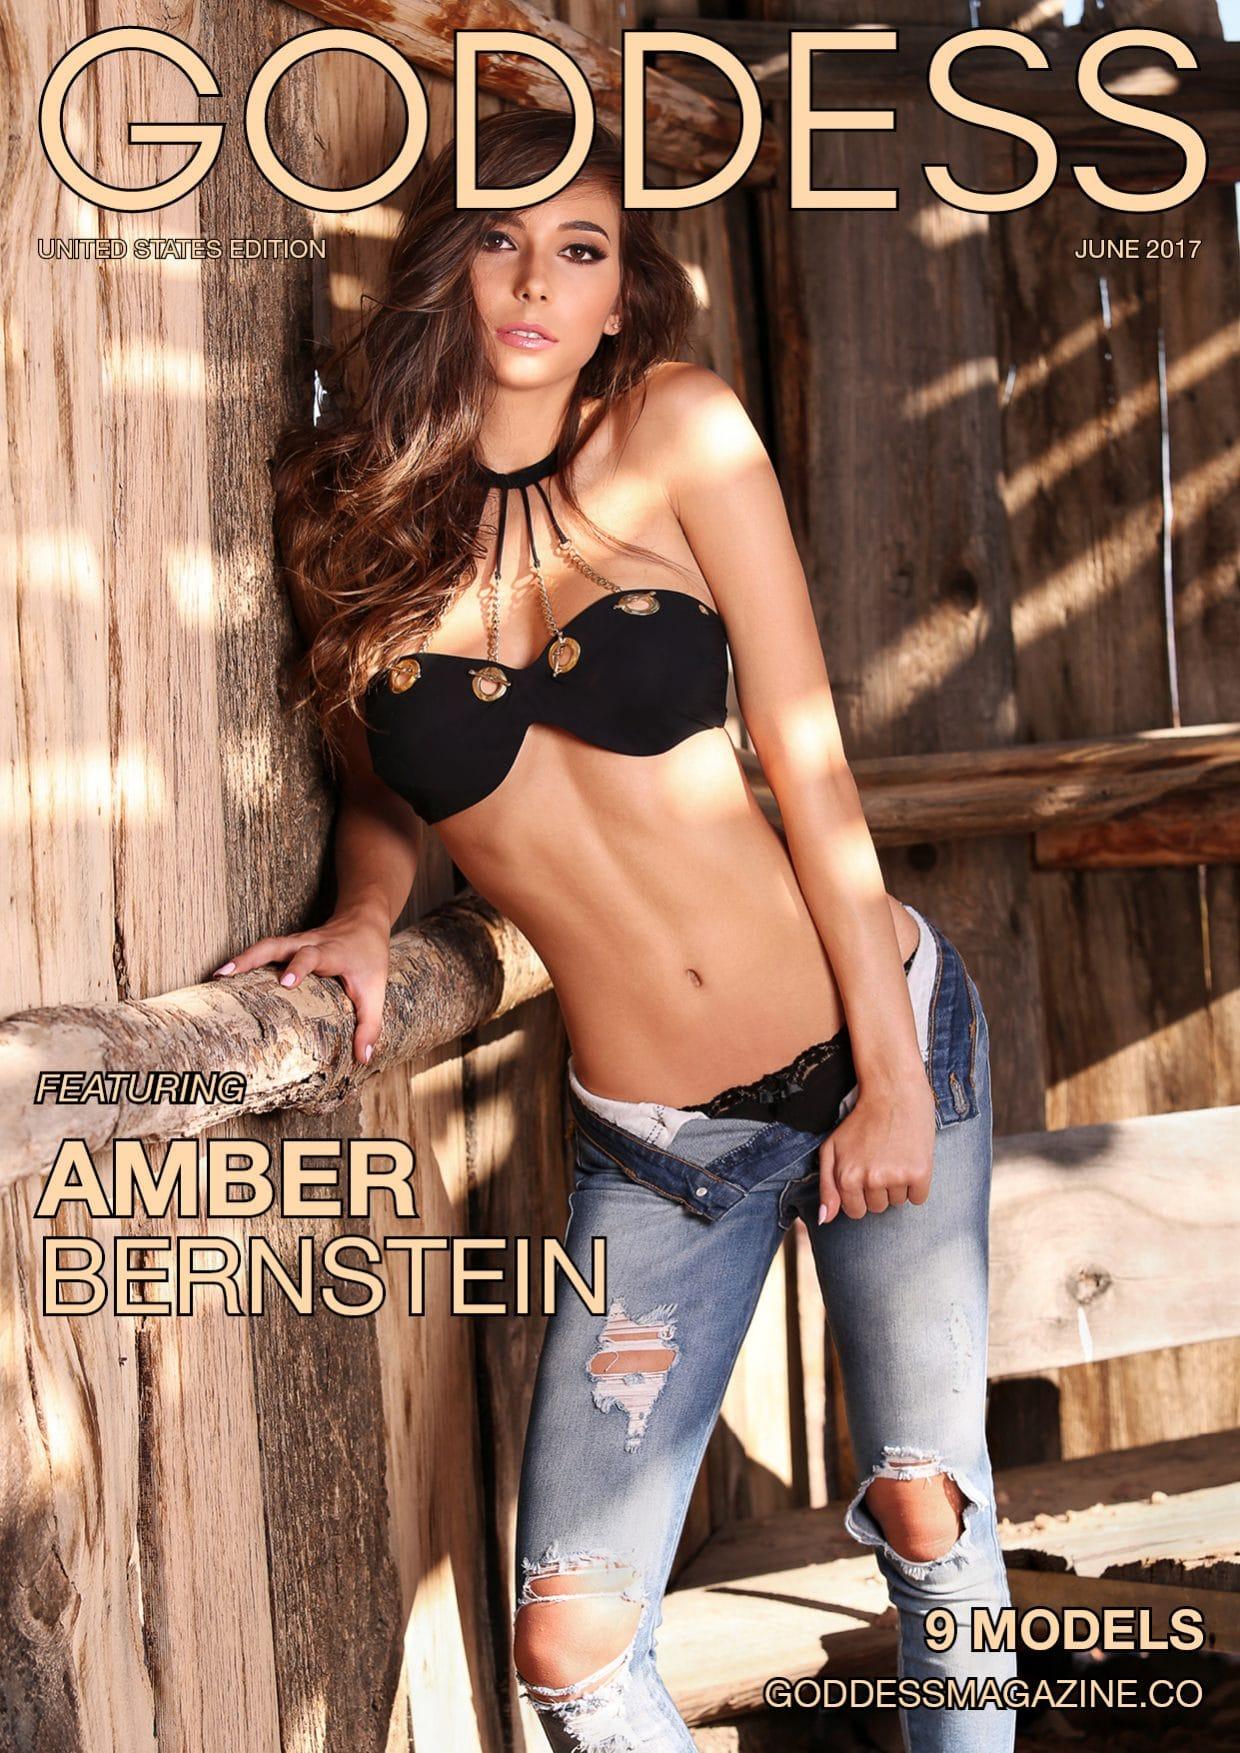 Goddess Magazine - June 2017 - Amber Bernstein 1